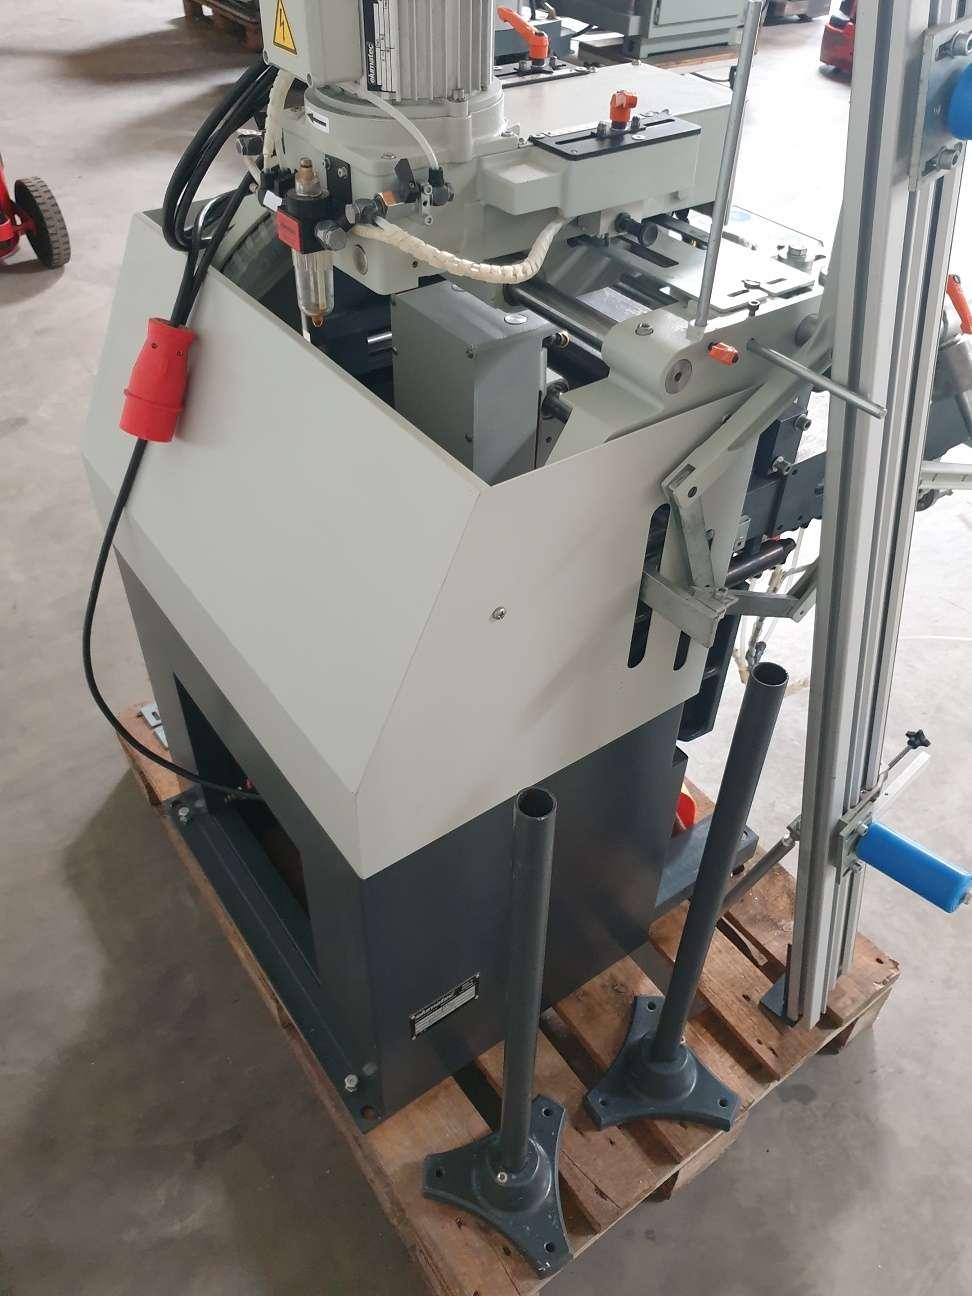 Копировально-фрезерный станок Elumatec KF 178 Kopierfräse фото на Industry-Pilot